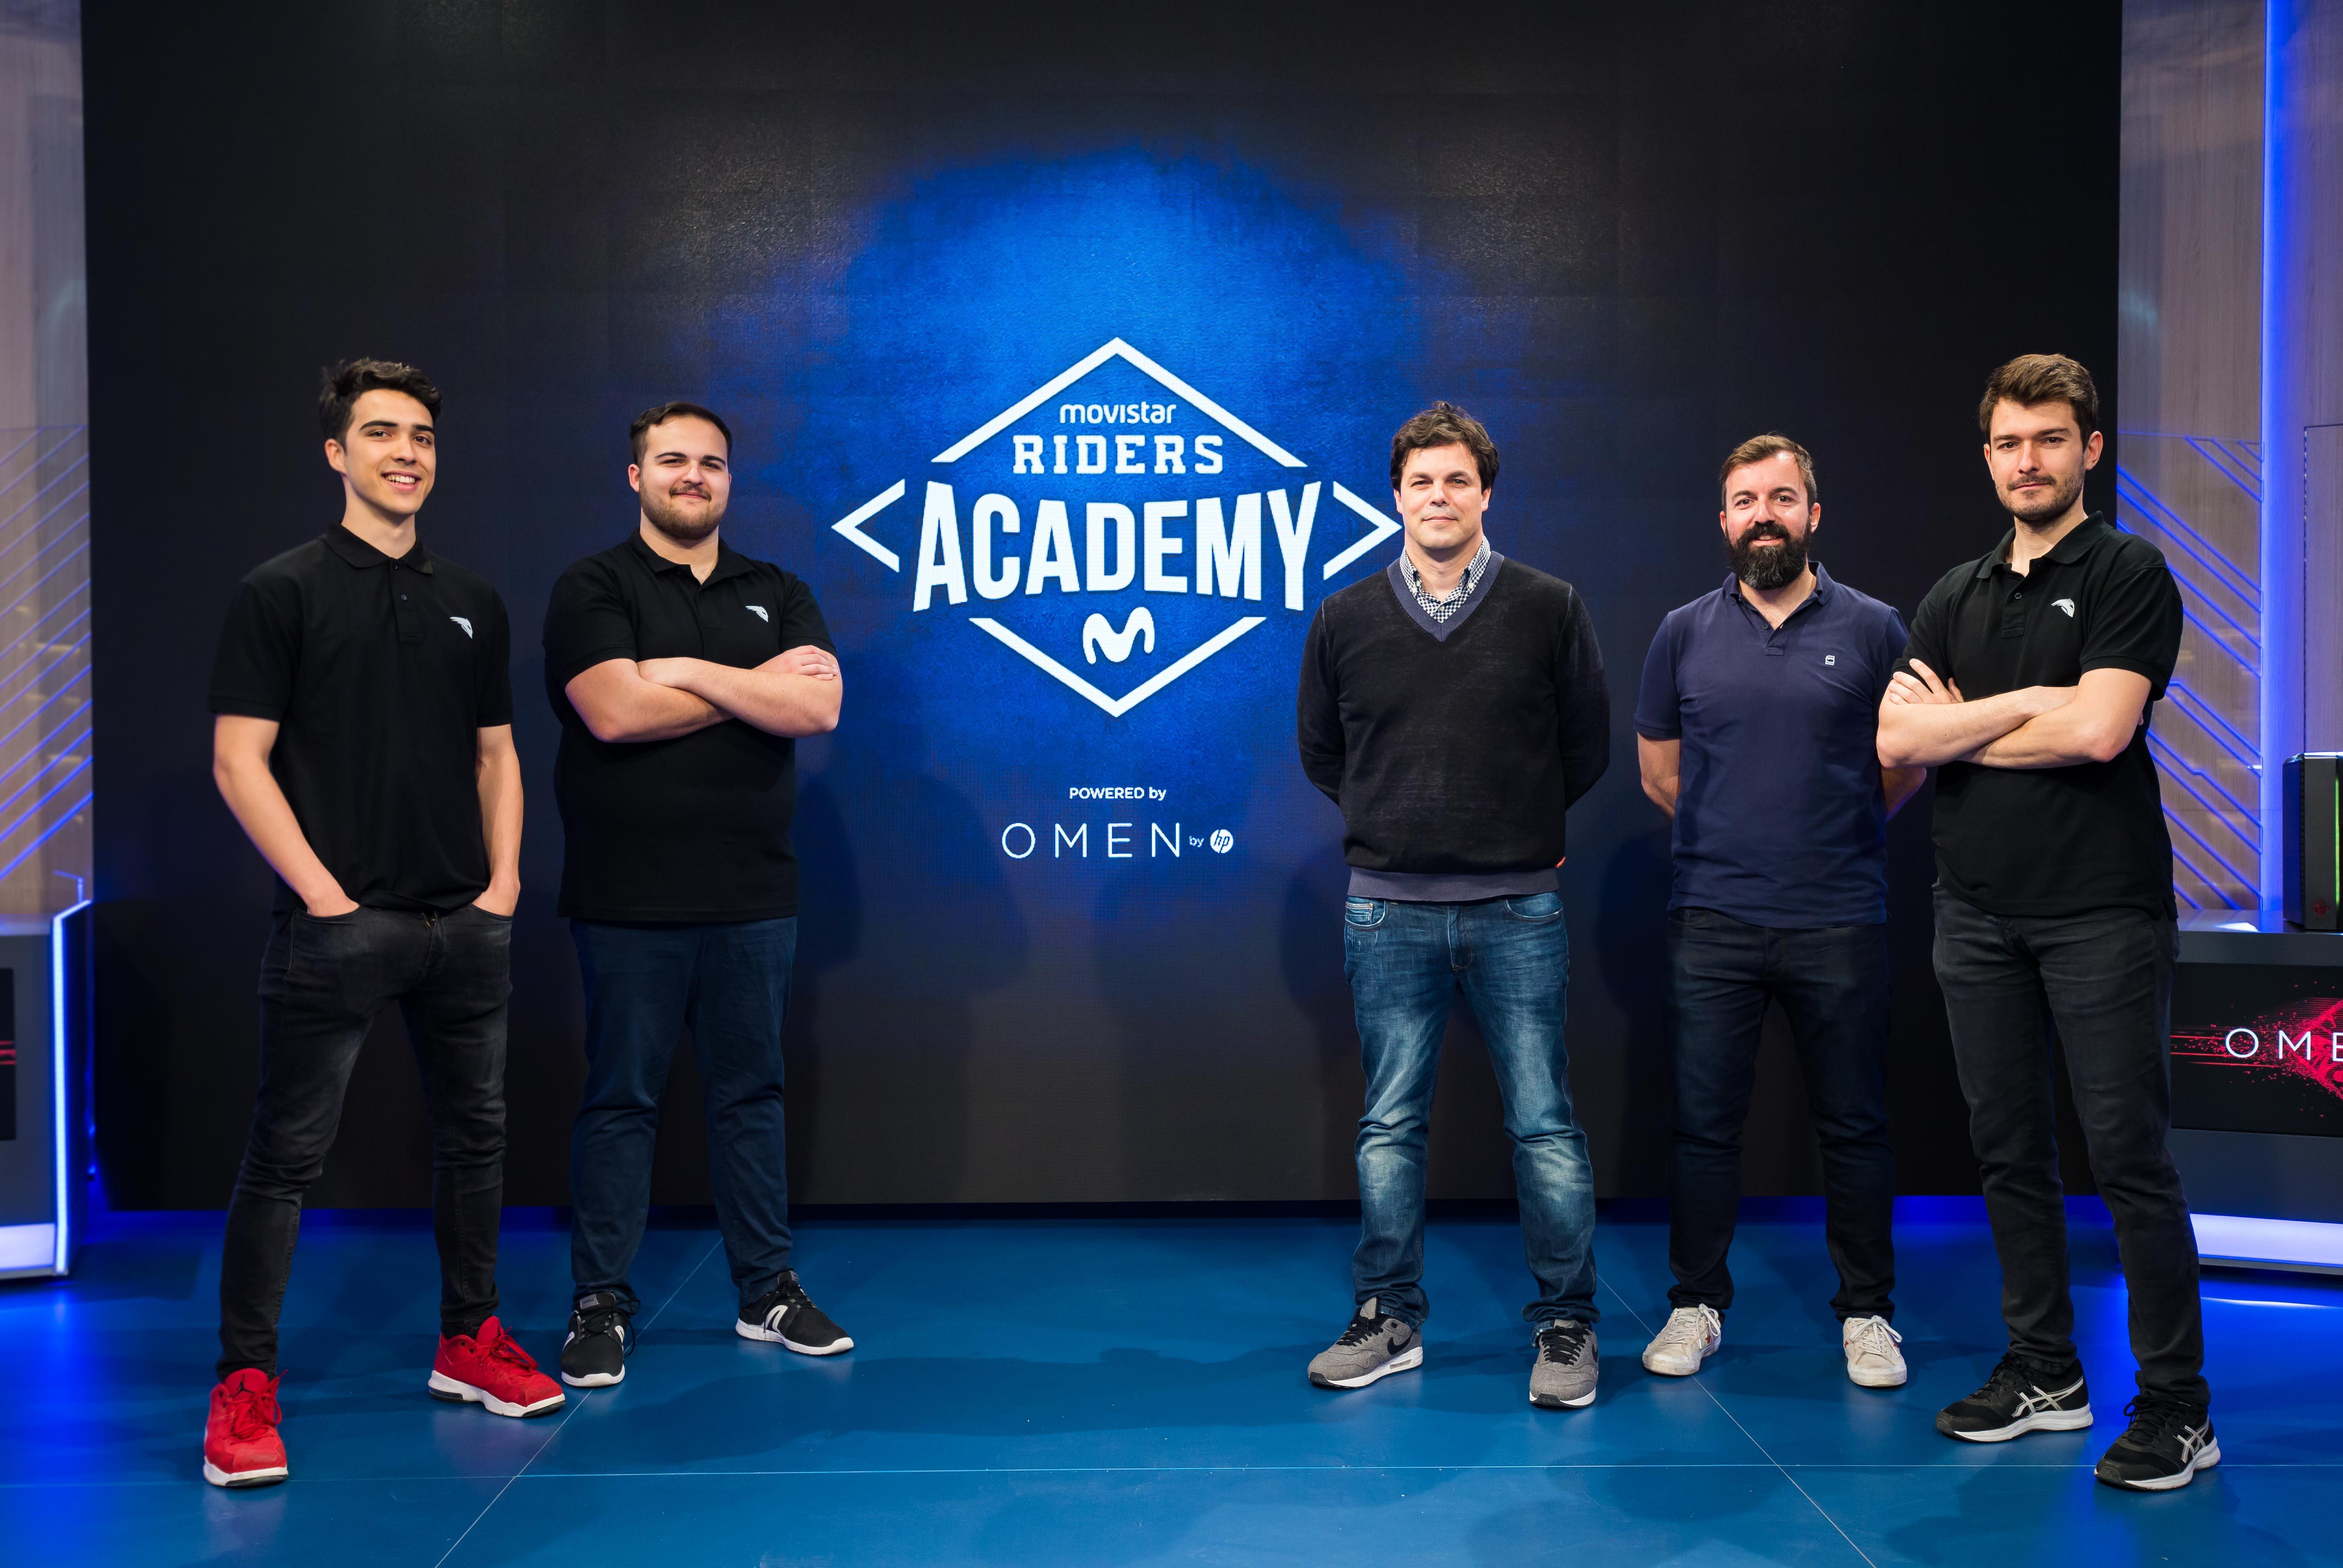 El club de eSports Movistar Riders y Telefónica presentaron Movistar Riders Academy